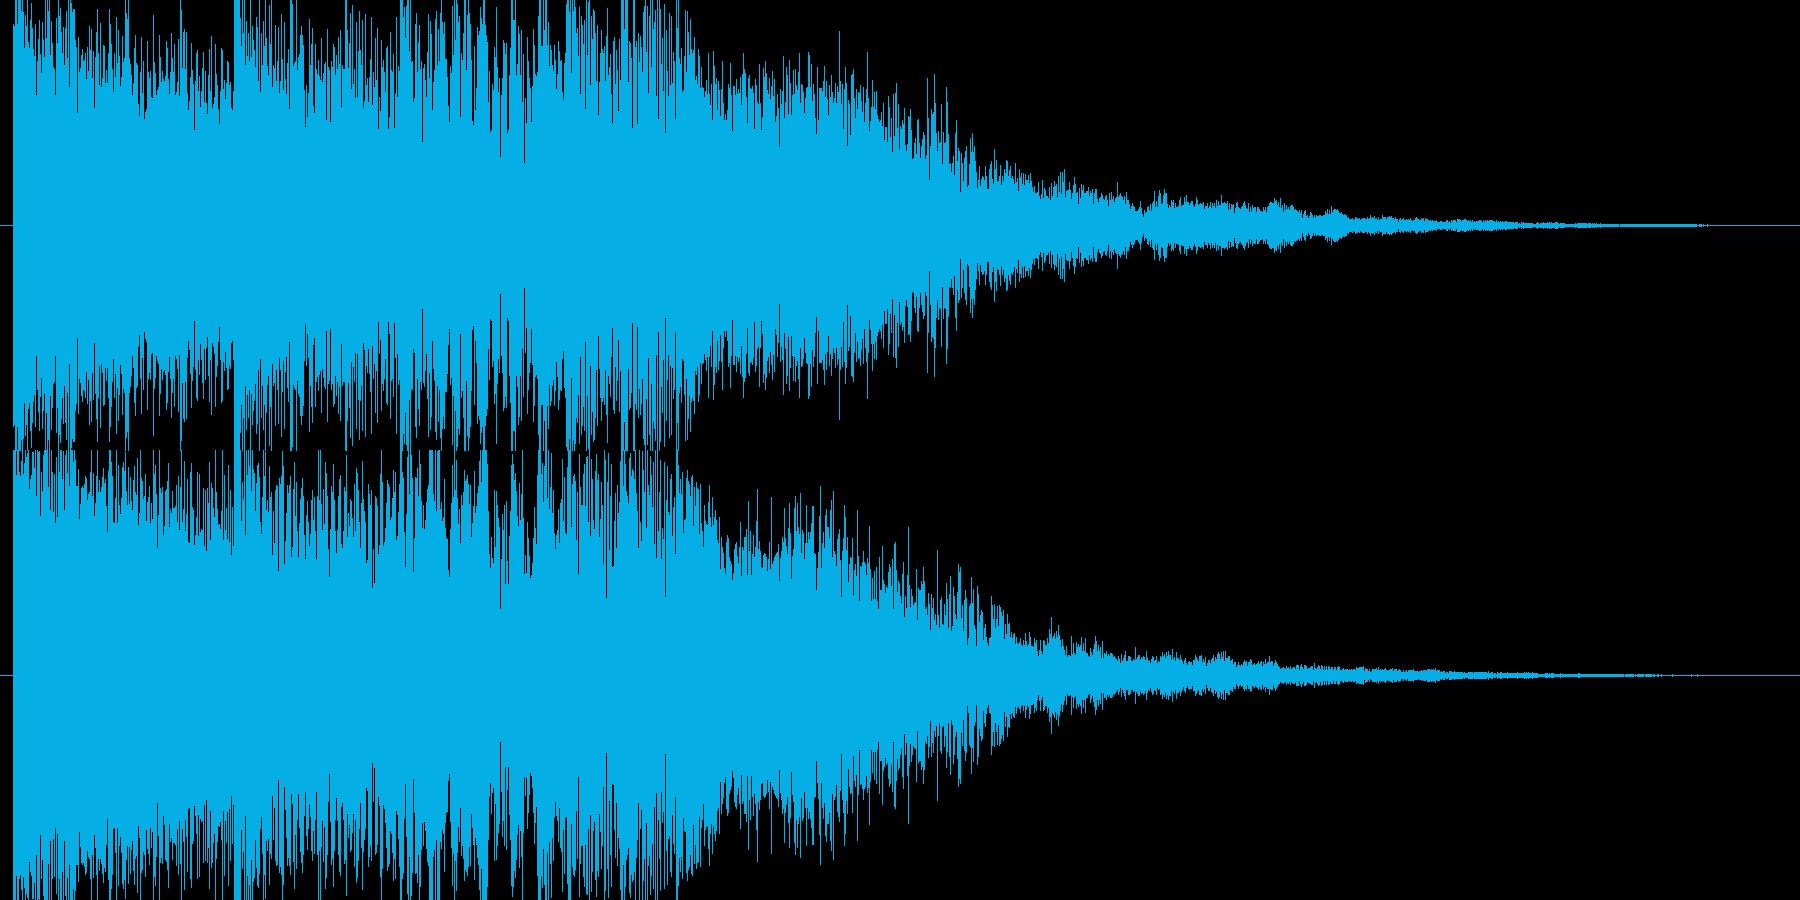 Dubstep (ダブステップ)の再生済みの波形